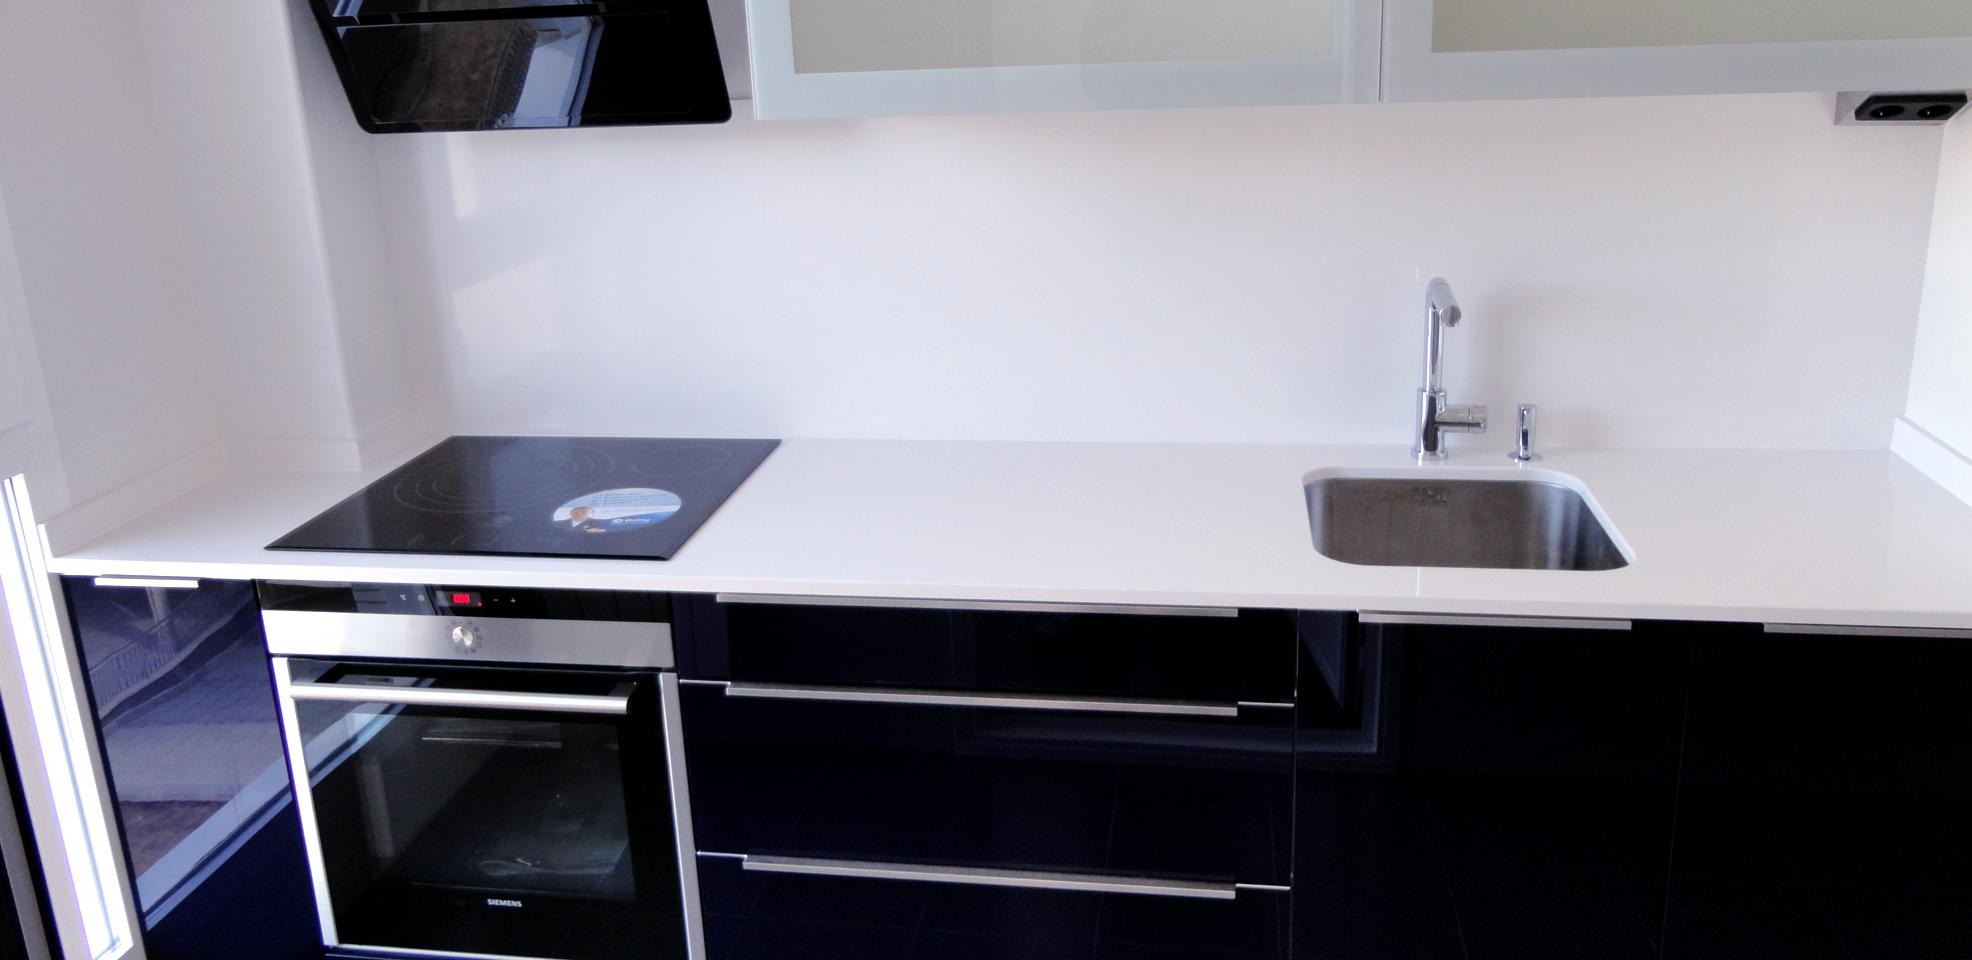 Muebles de cocina en cristal de dise o for Disenos de muebles de cocina